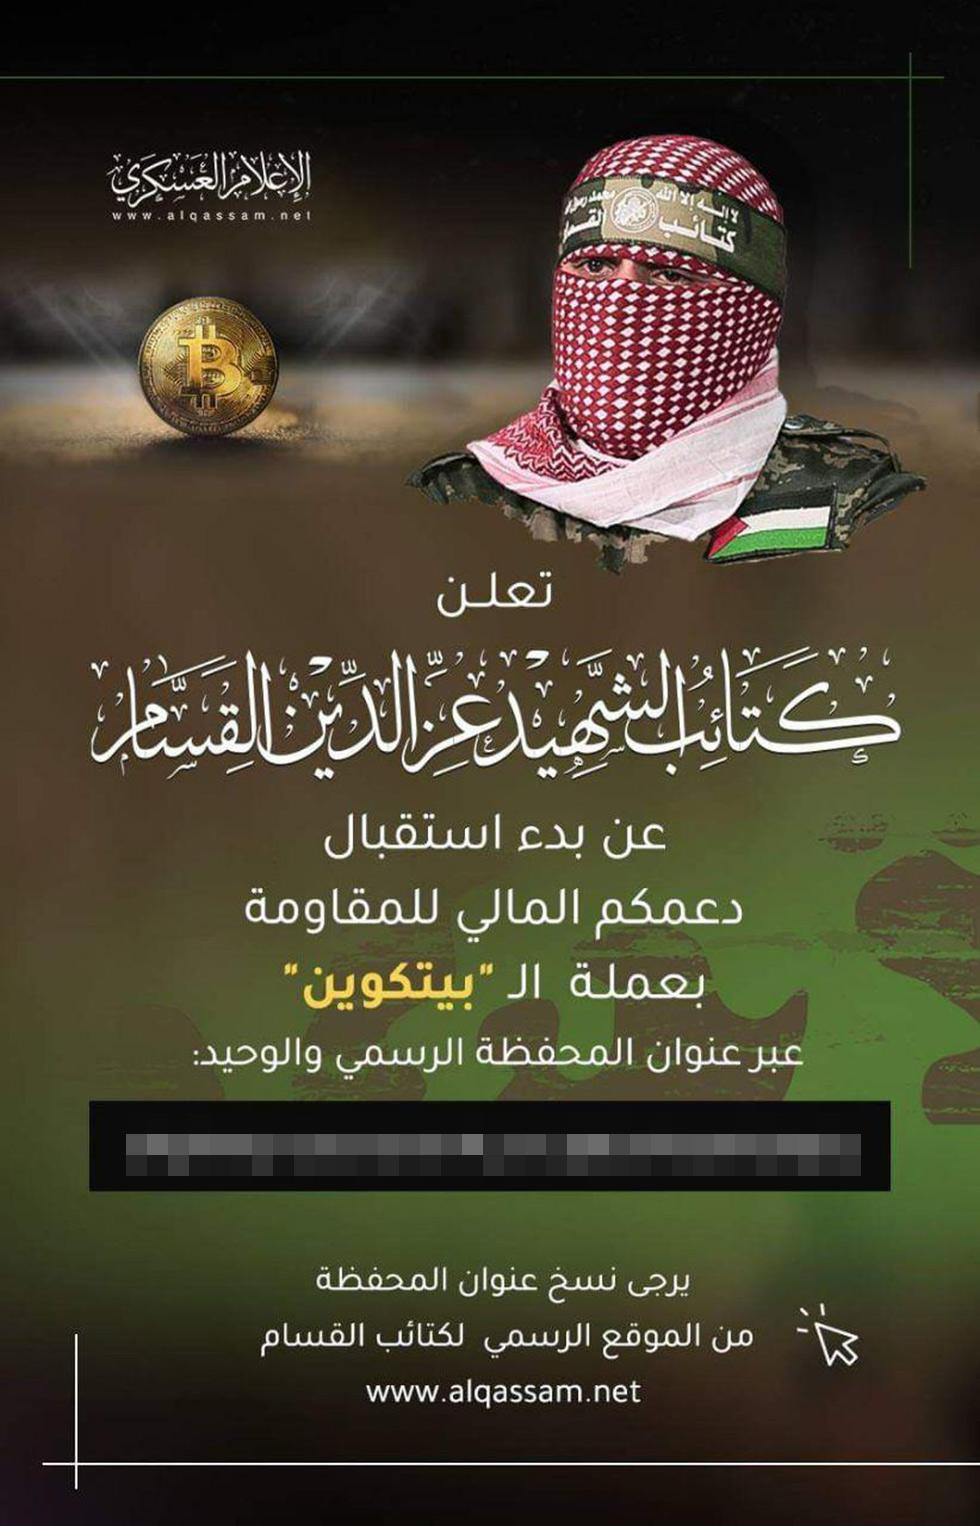 הכרוז שפרסם חמאס ()